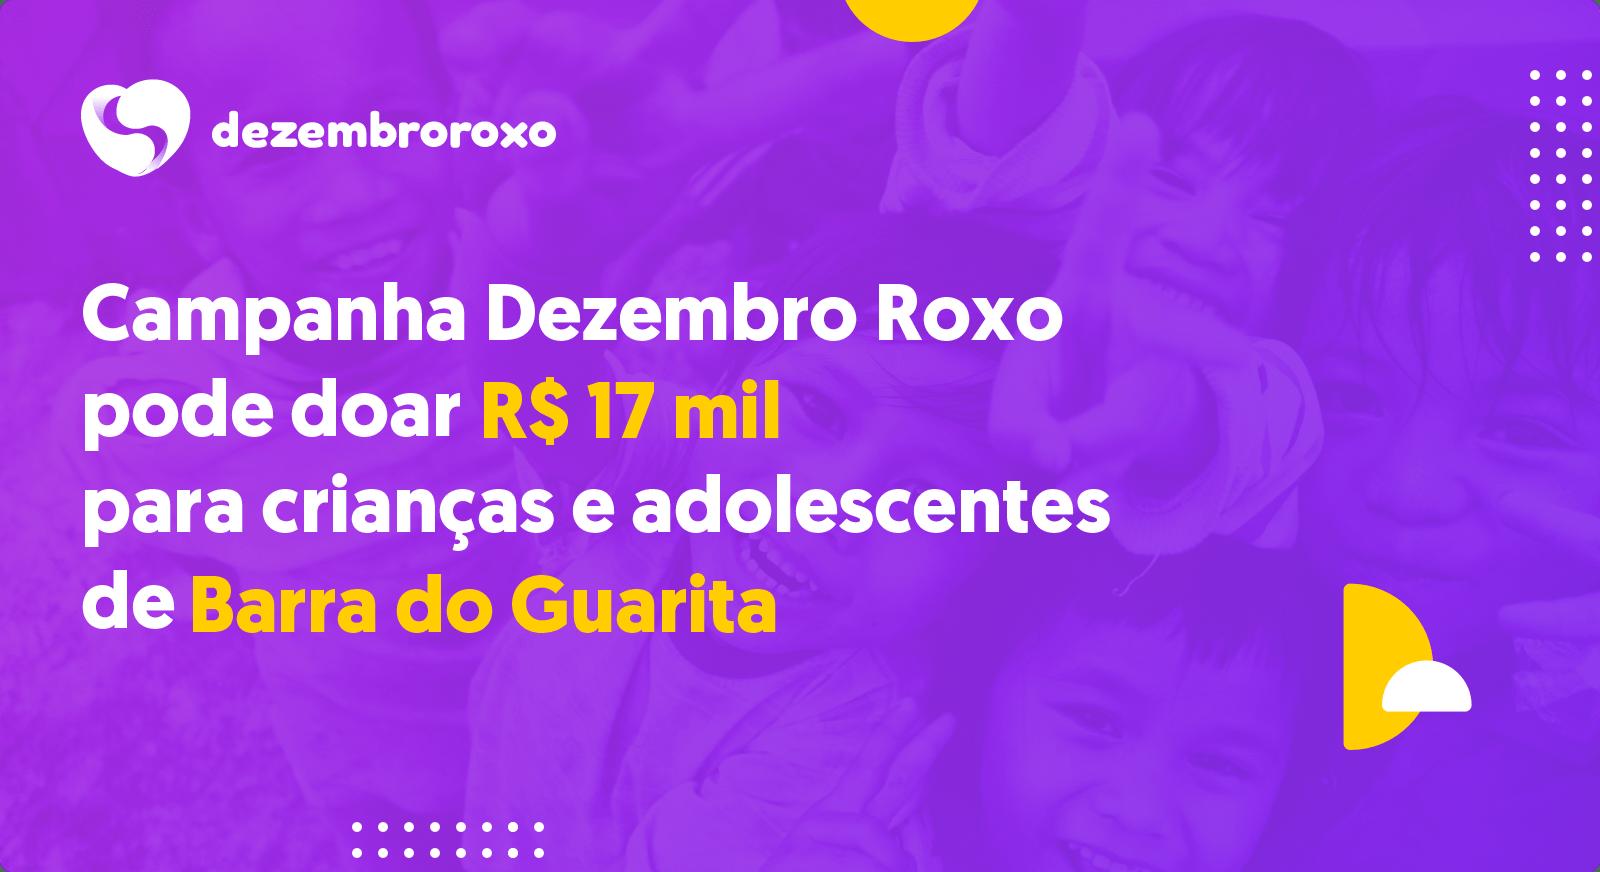 Doações em Barra do Guarita - RS